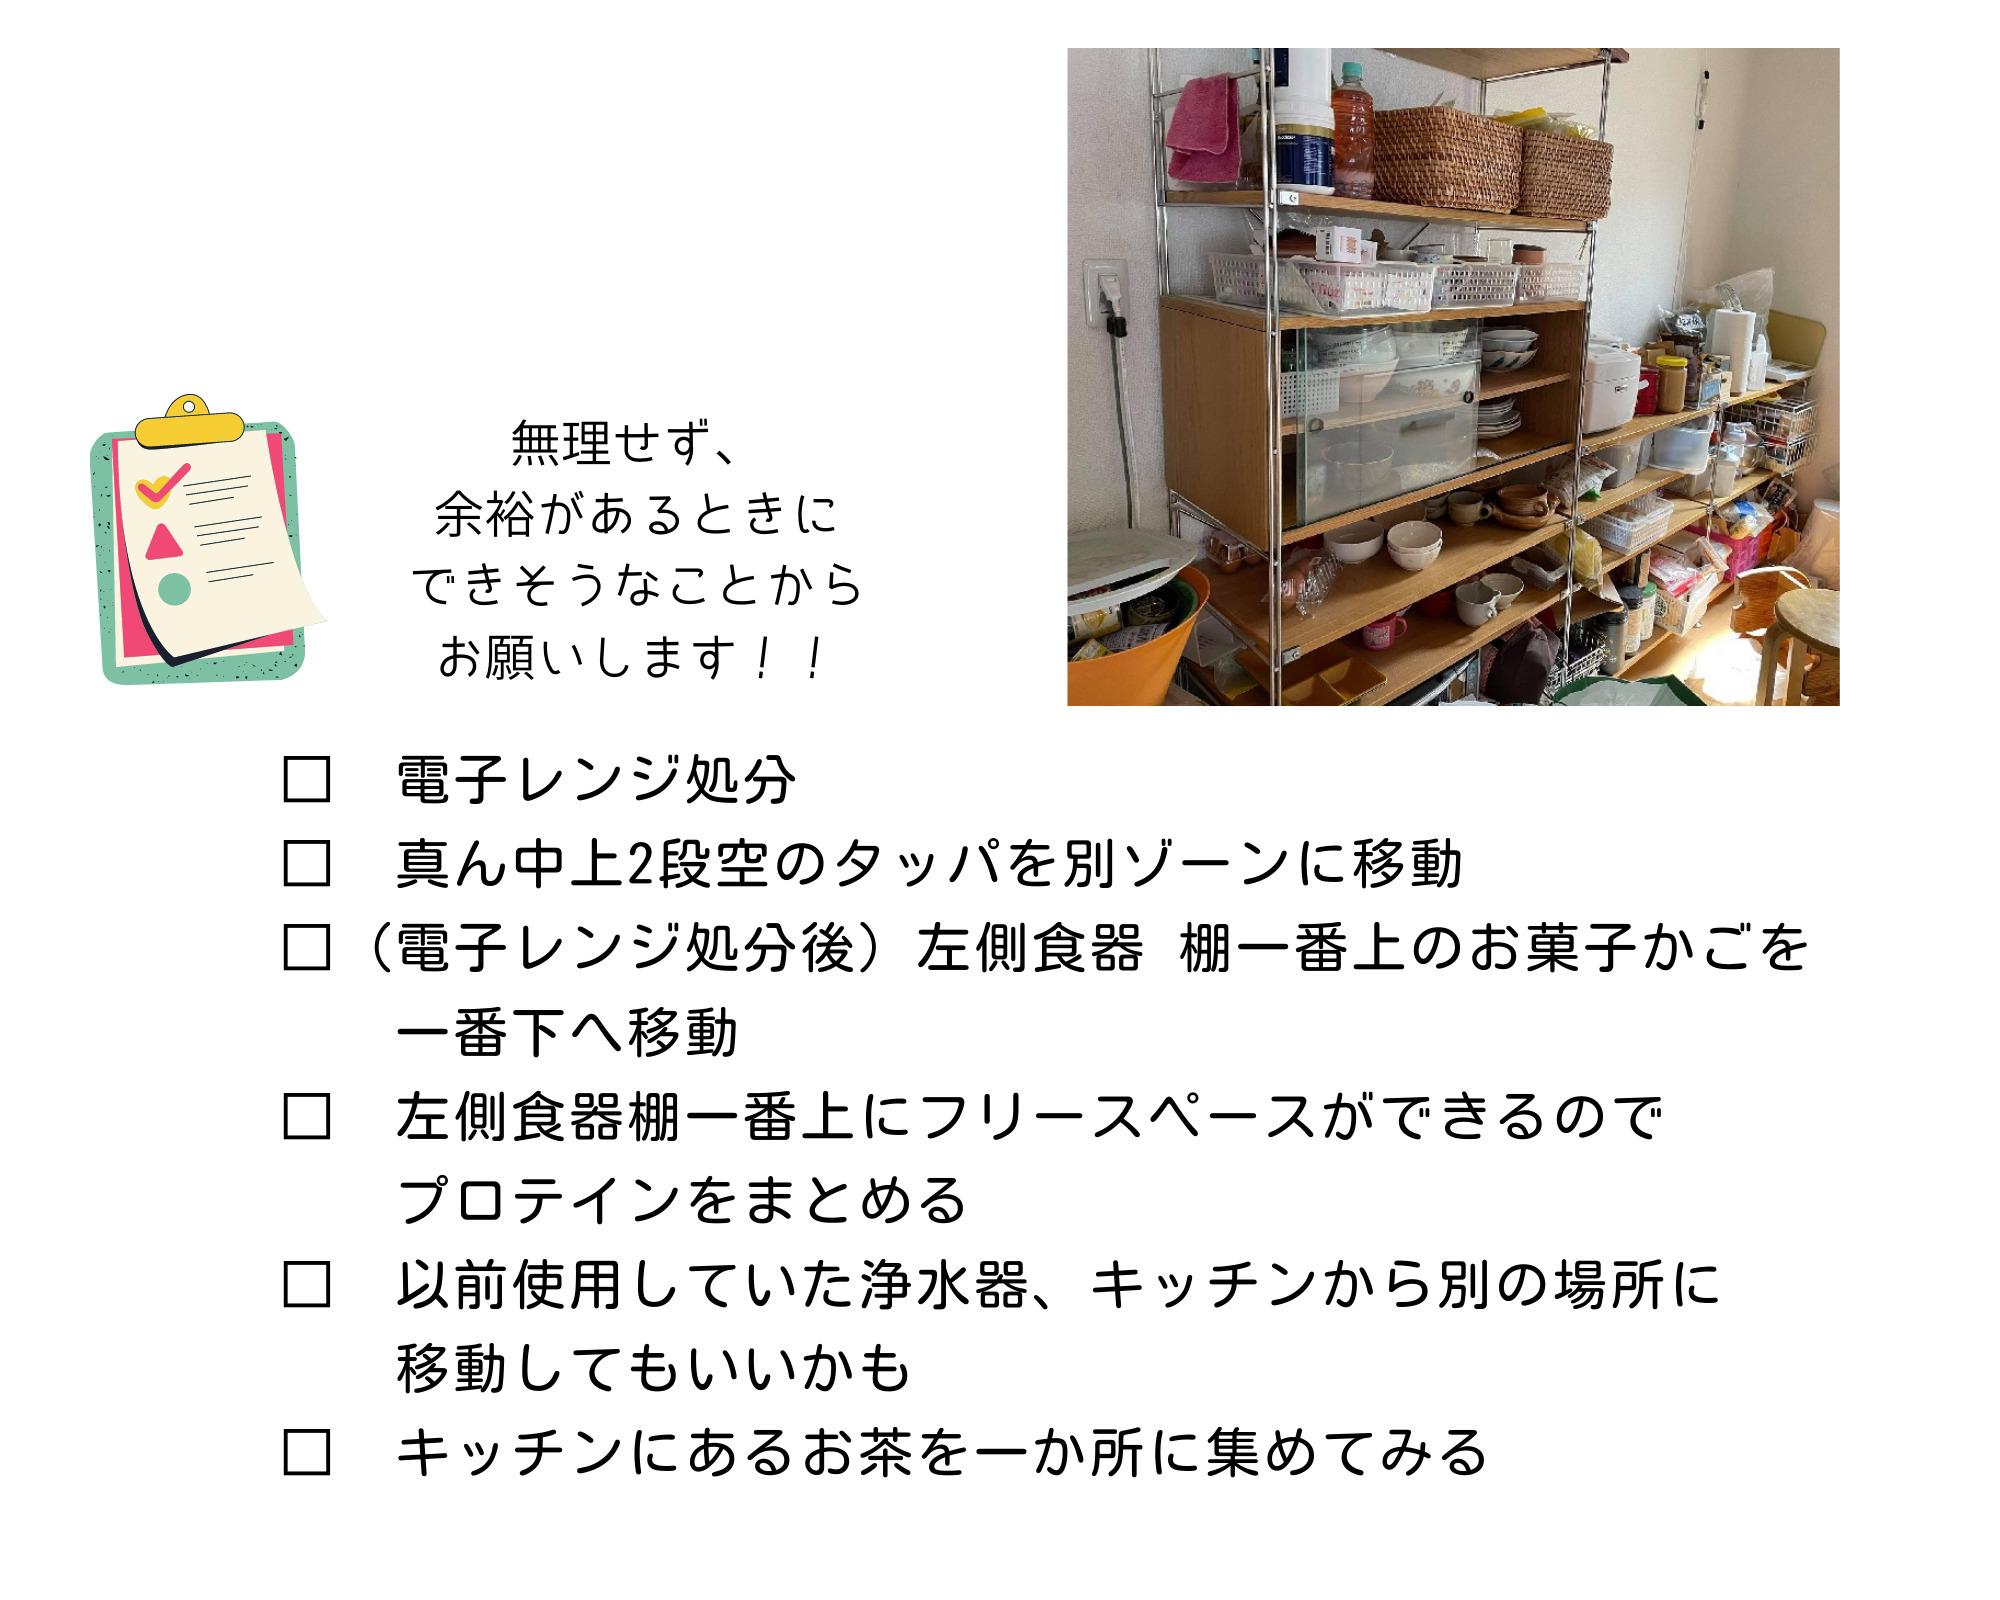 【モニター】キッチンの収納問題について